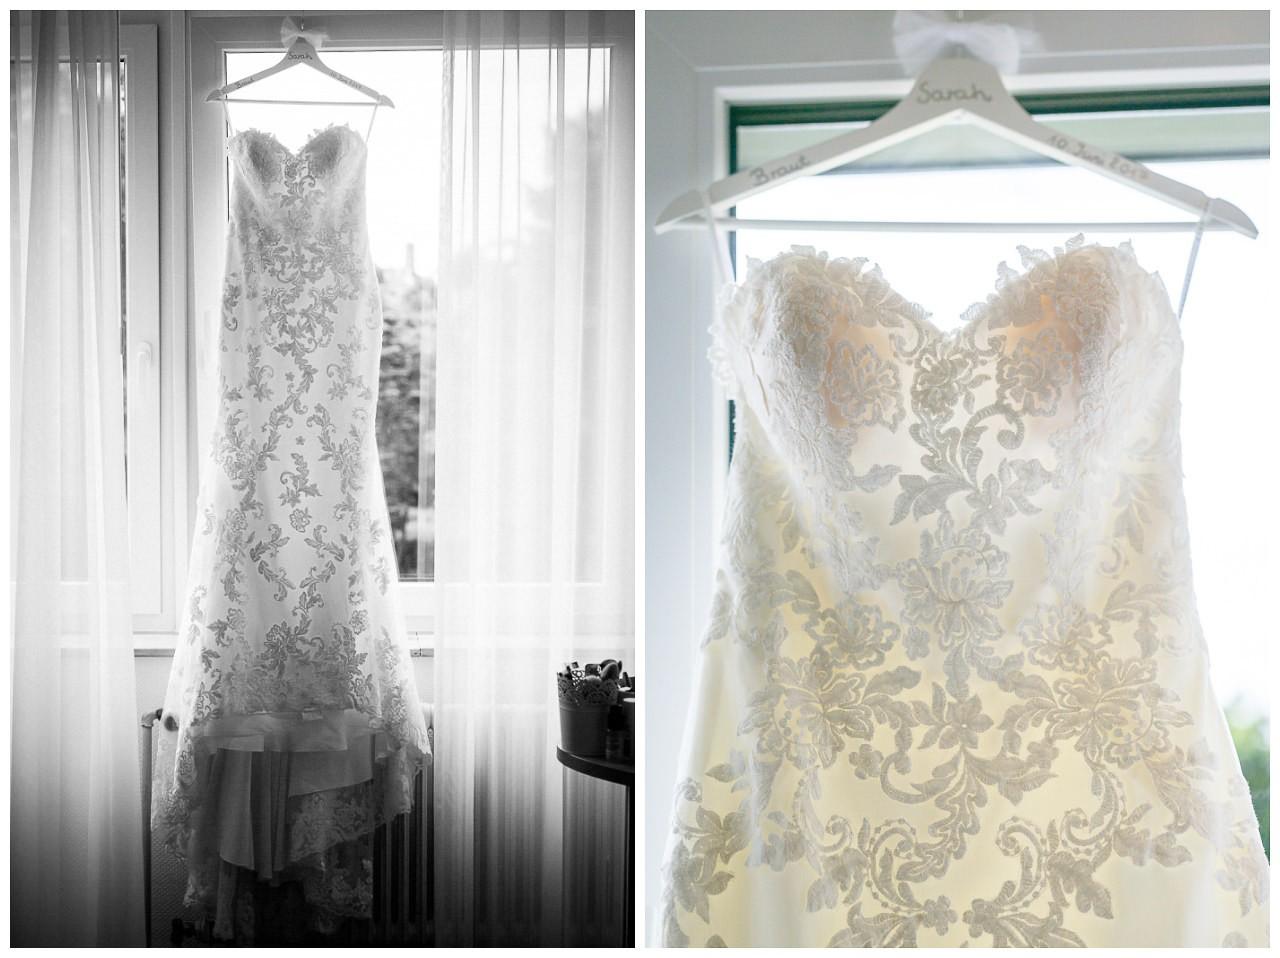 Das Brautkleid im Mermaid Stil hängt am Fenster.